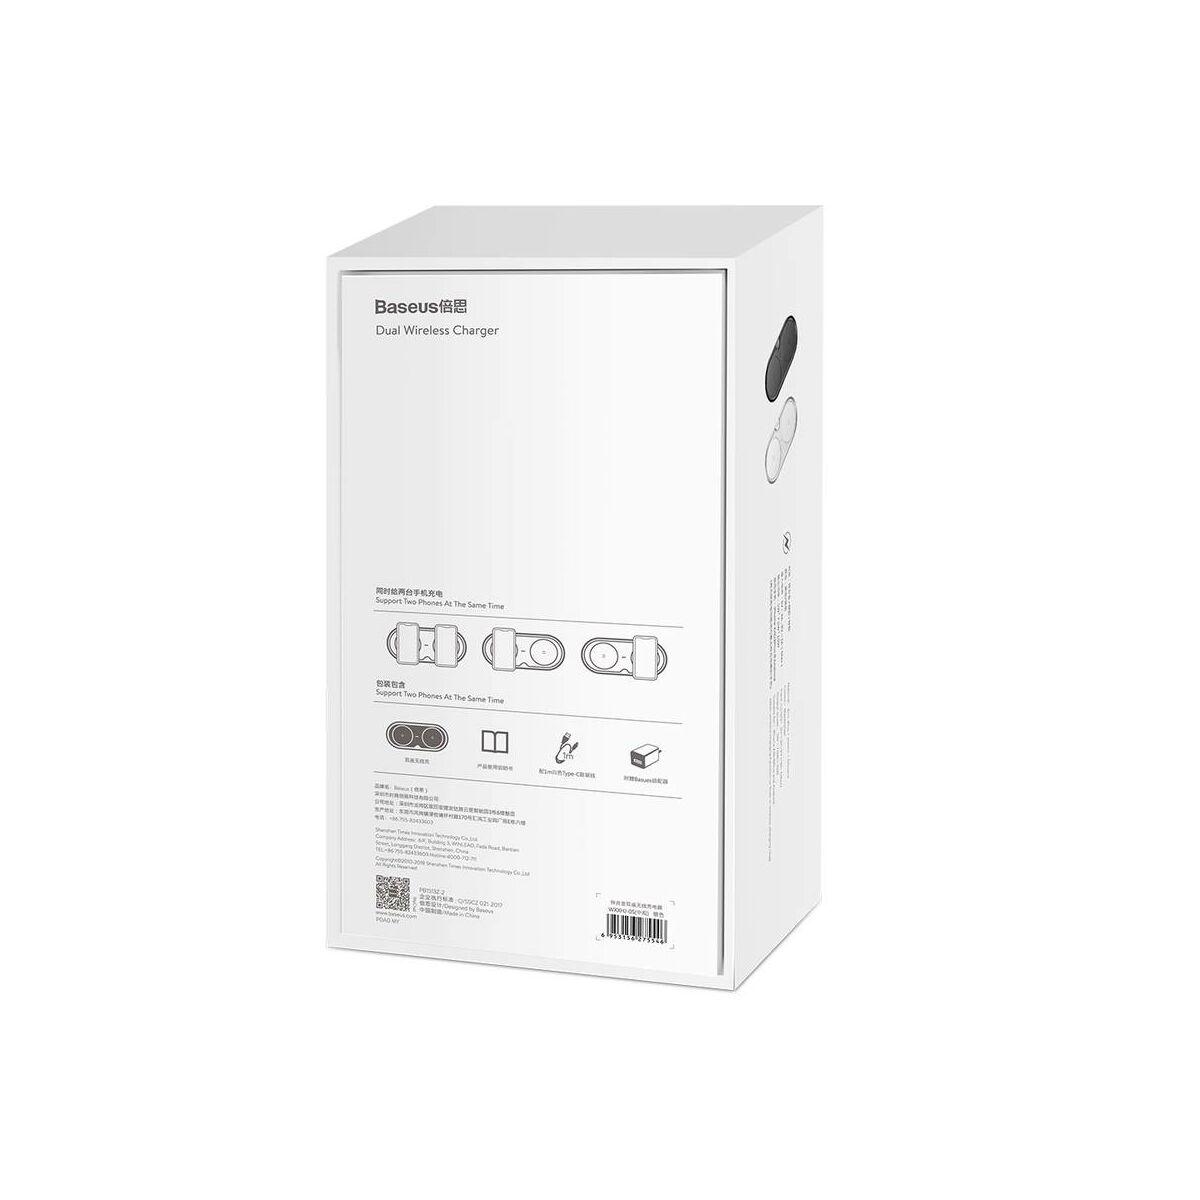 Baseus vezeték nélküli töltő, Dupla (EU Quick 3.0 hálózati töltő, + kábel), 10W, ezüst (WXXHJ-A0S)